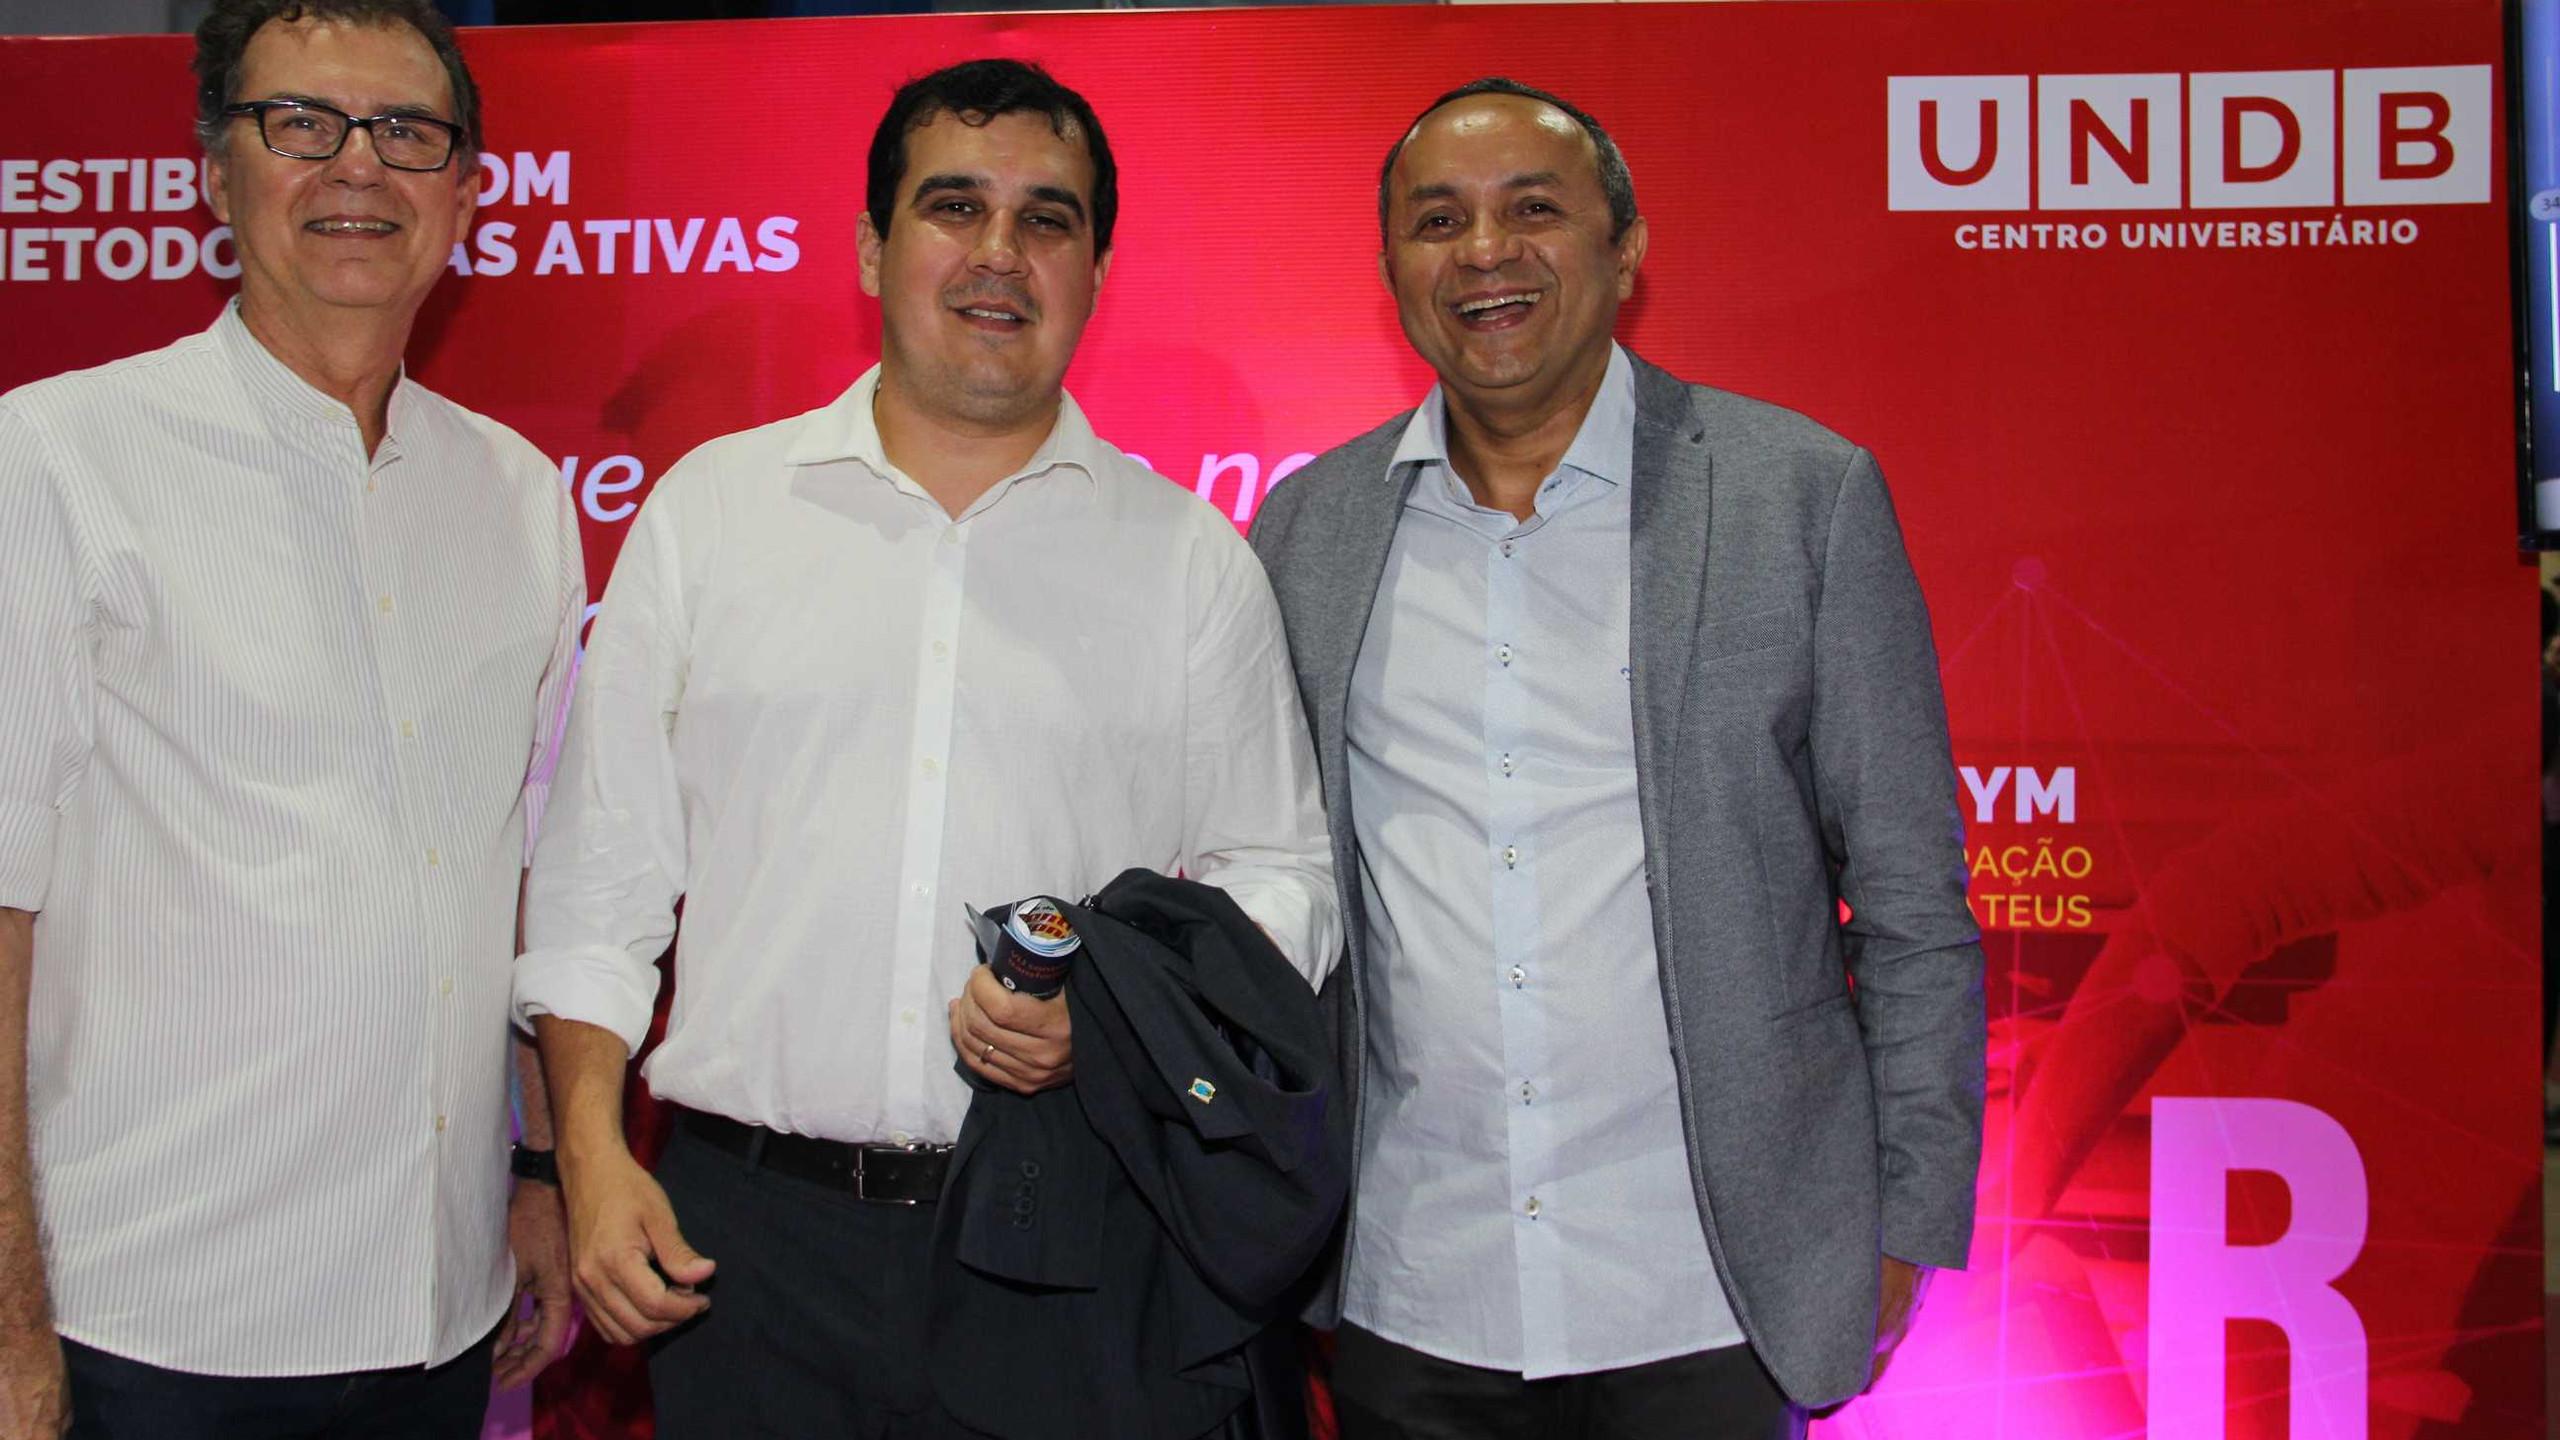 Ricardo Furtado, Mádison Leonardo (Sec Mun de Urbanismo) e Marlon Botão (Sec Mun Cultura).